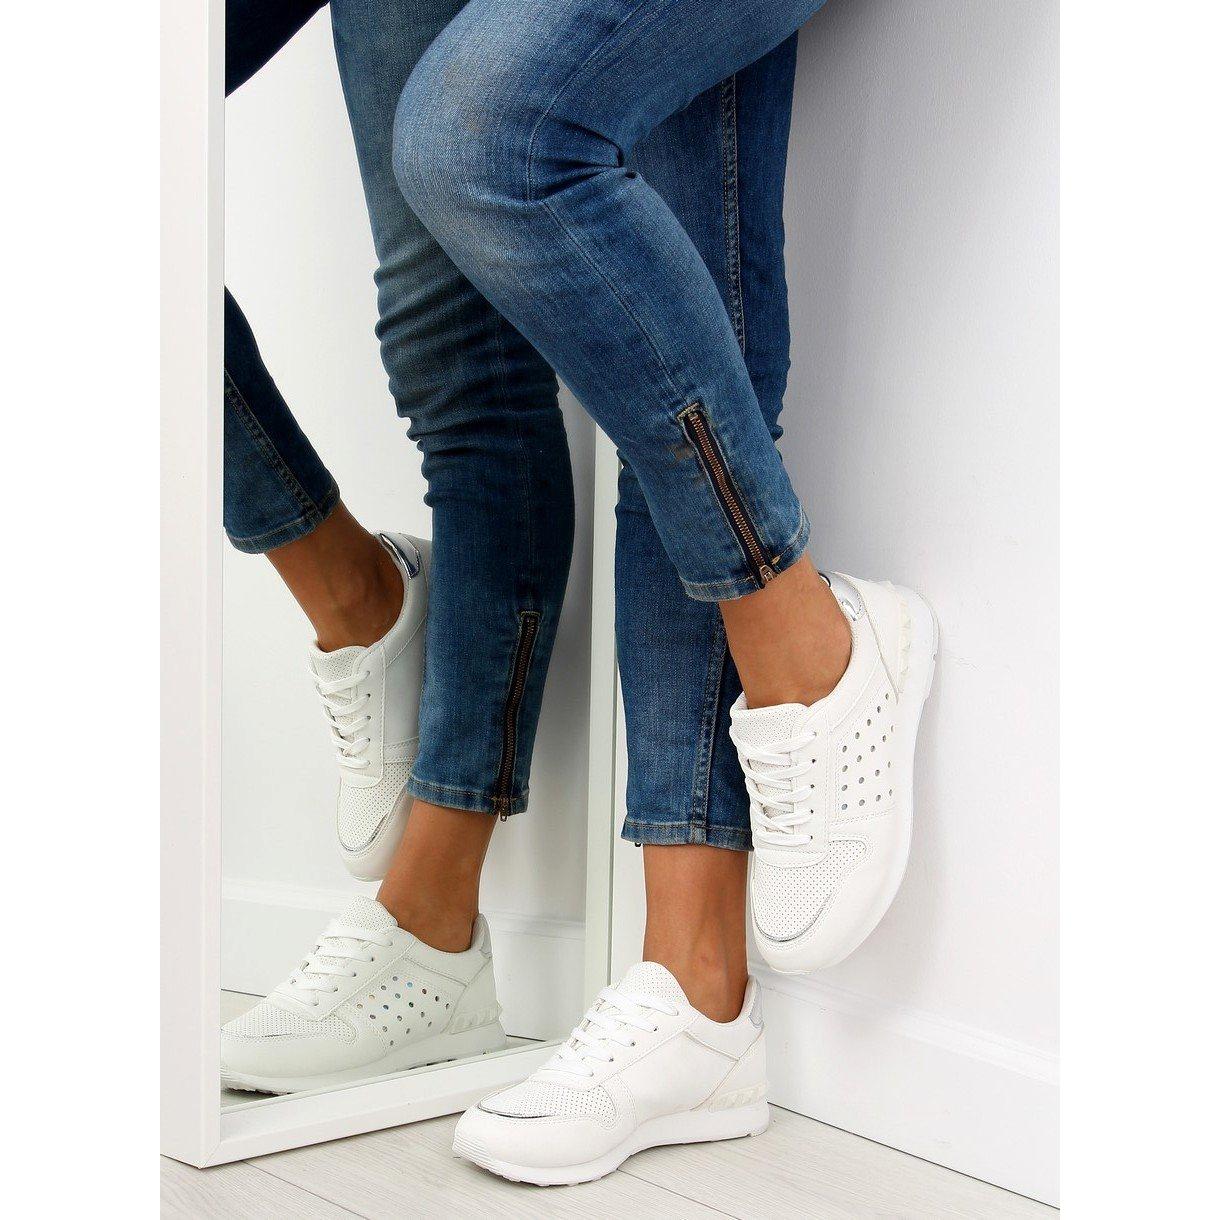 bianco-scarpe-sportive-bianche-da-donna-su12p-bianche miniatura 2